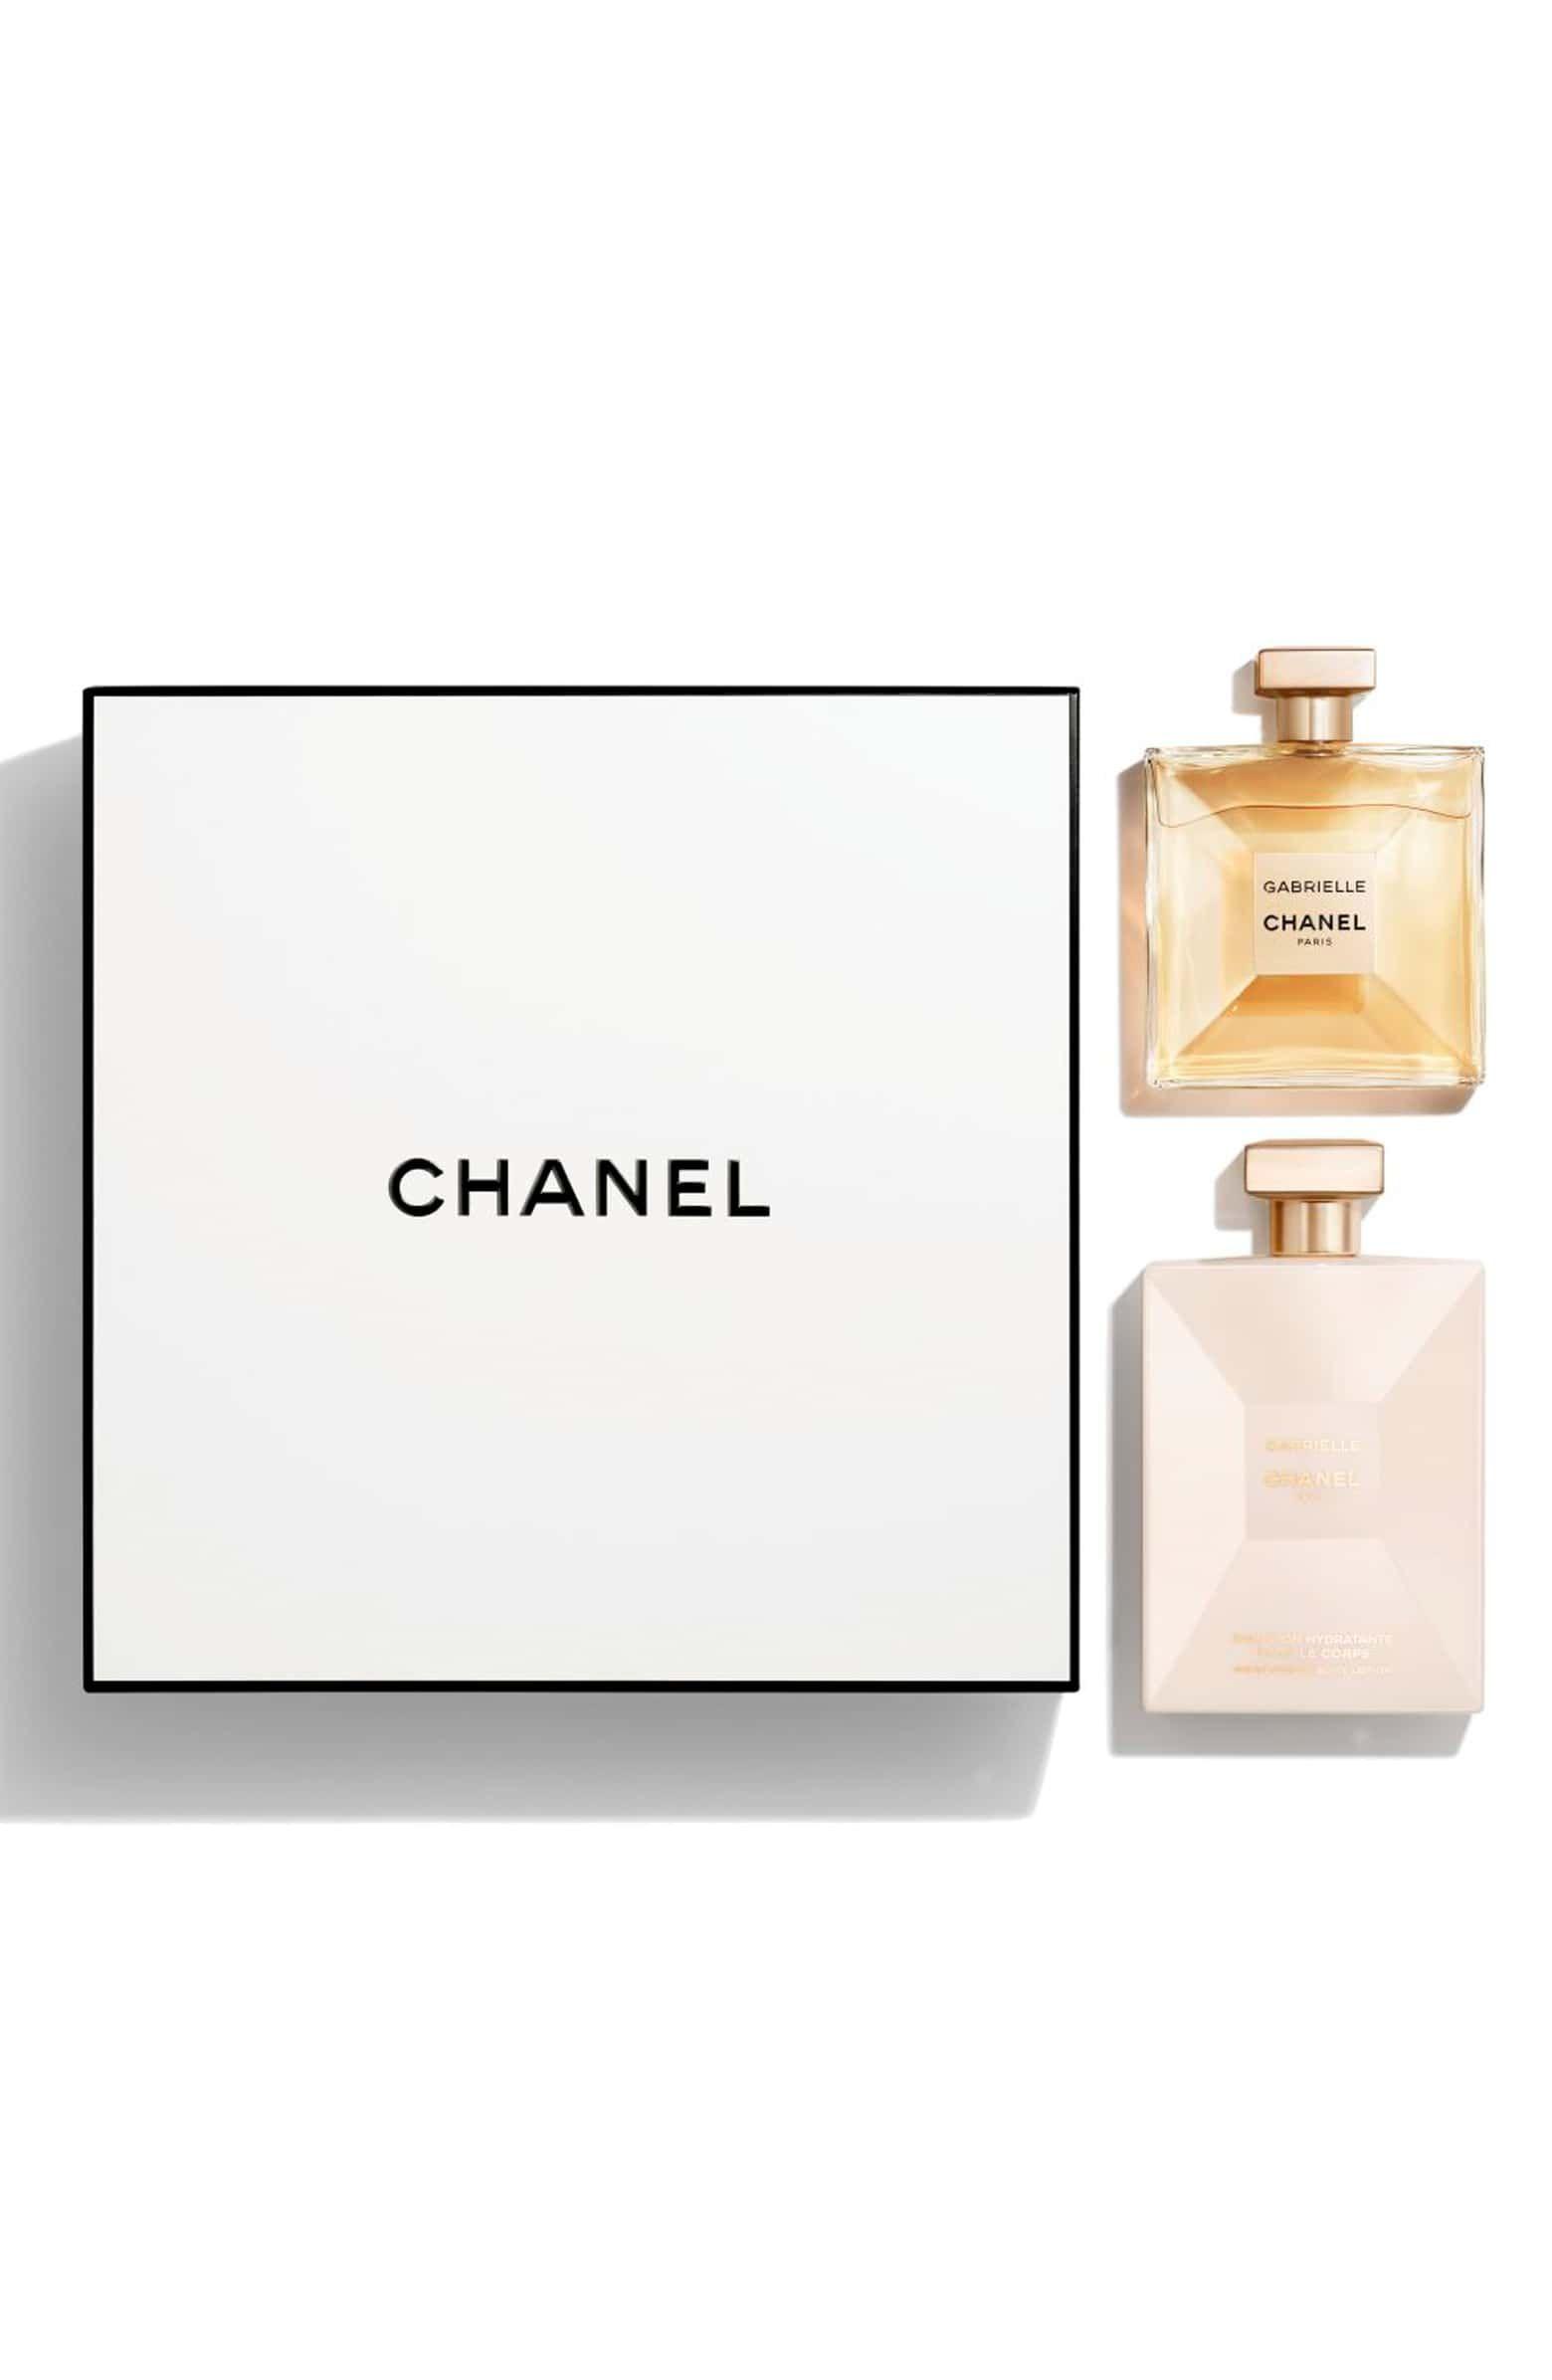 Gabrielle Chaneleau De Parfum Set Main Color No Color Wish List